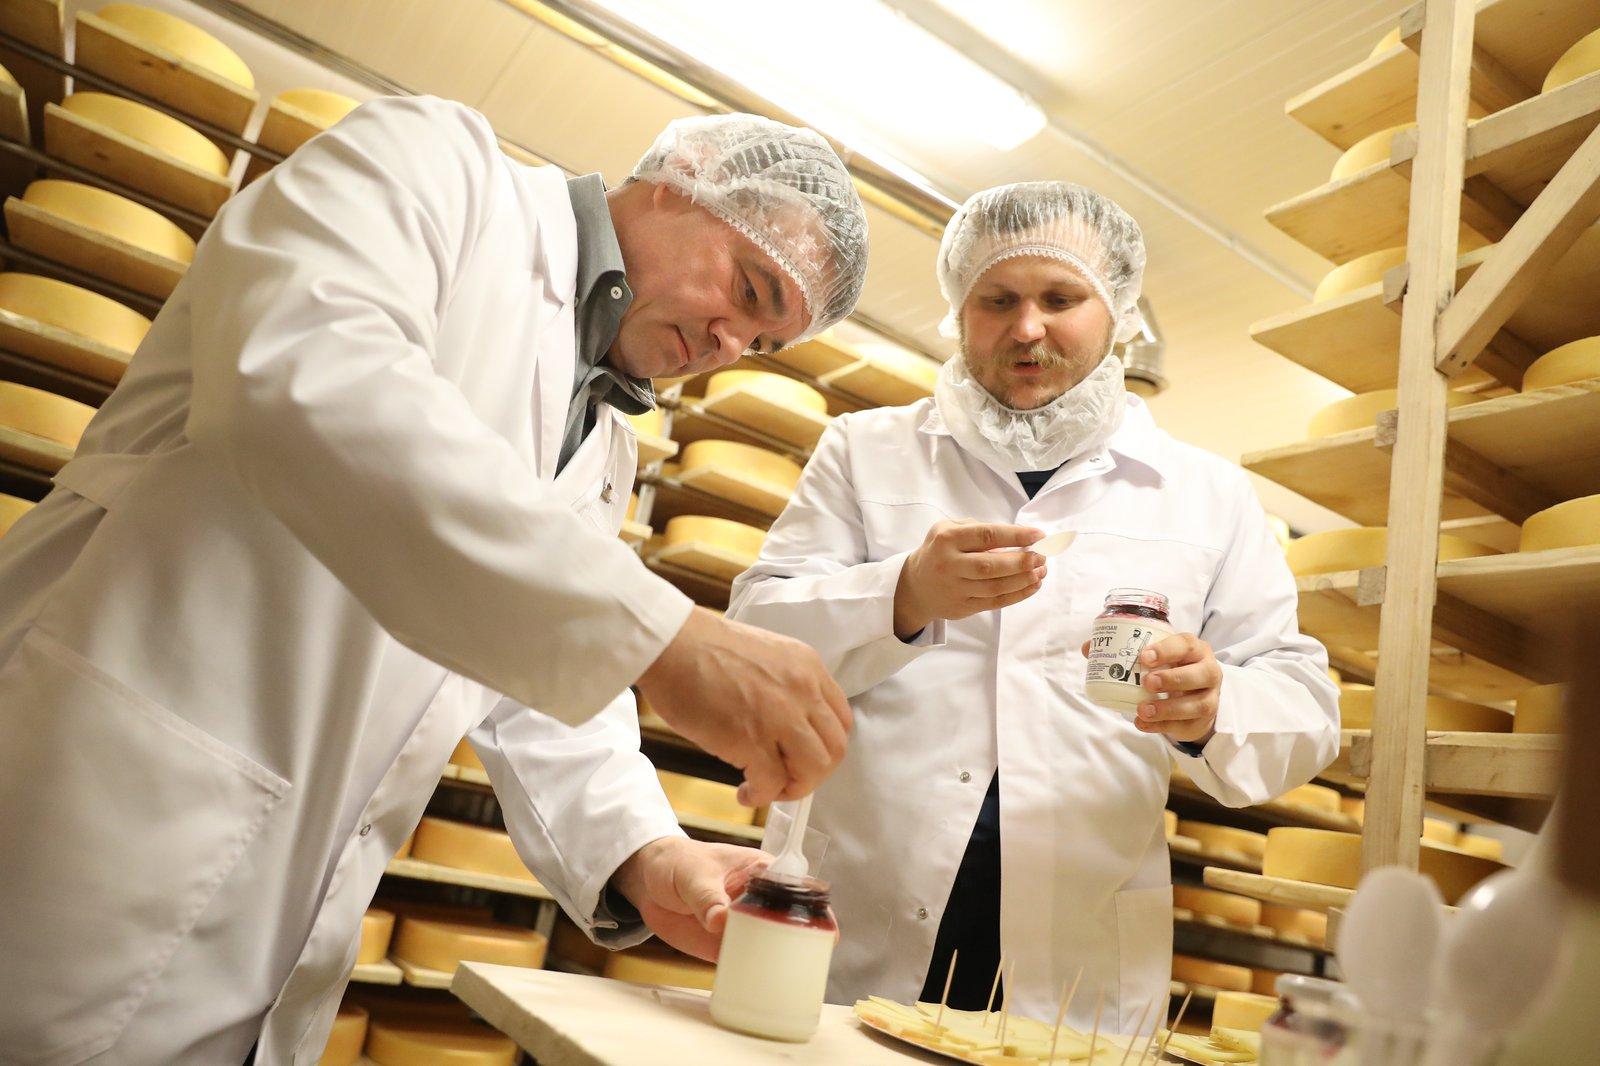 Андрей Воробьев губернатор московской области - Андрей Воробьев проверил подготовку к сырному фестивалю